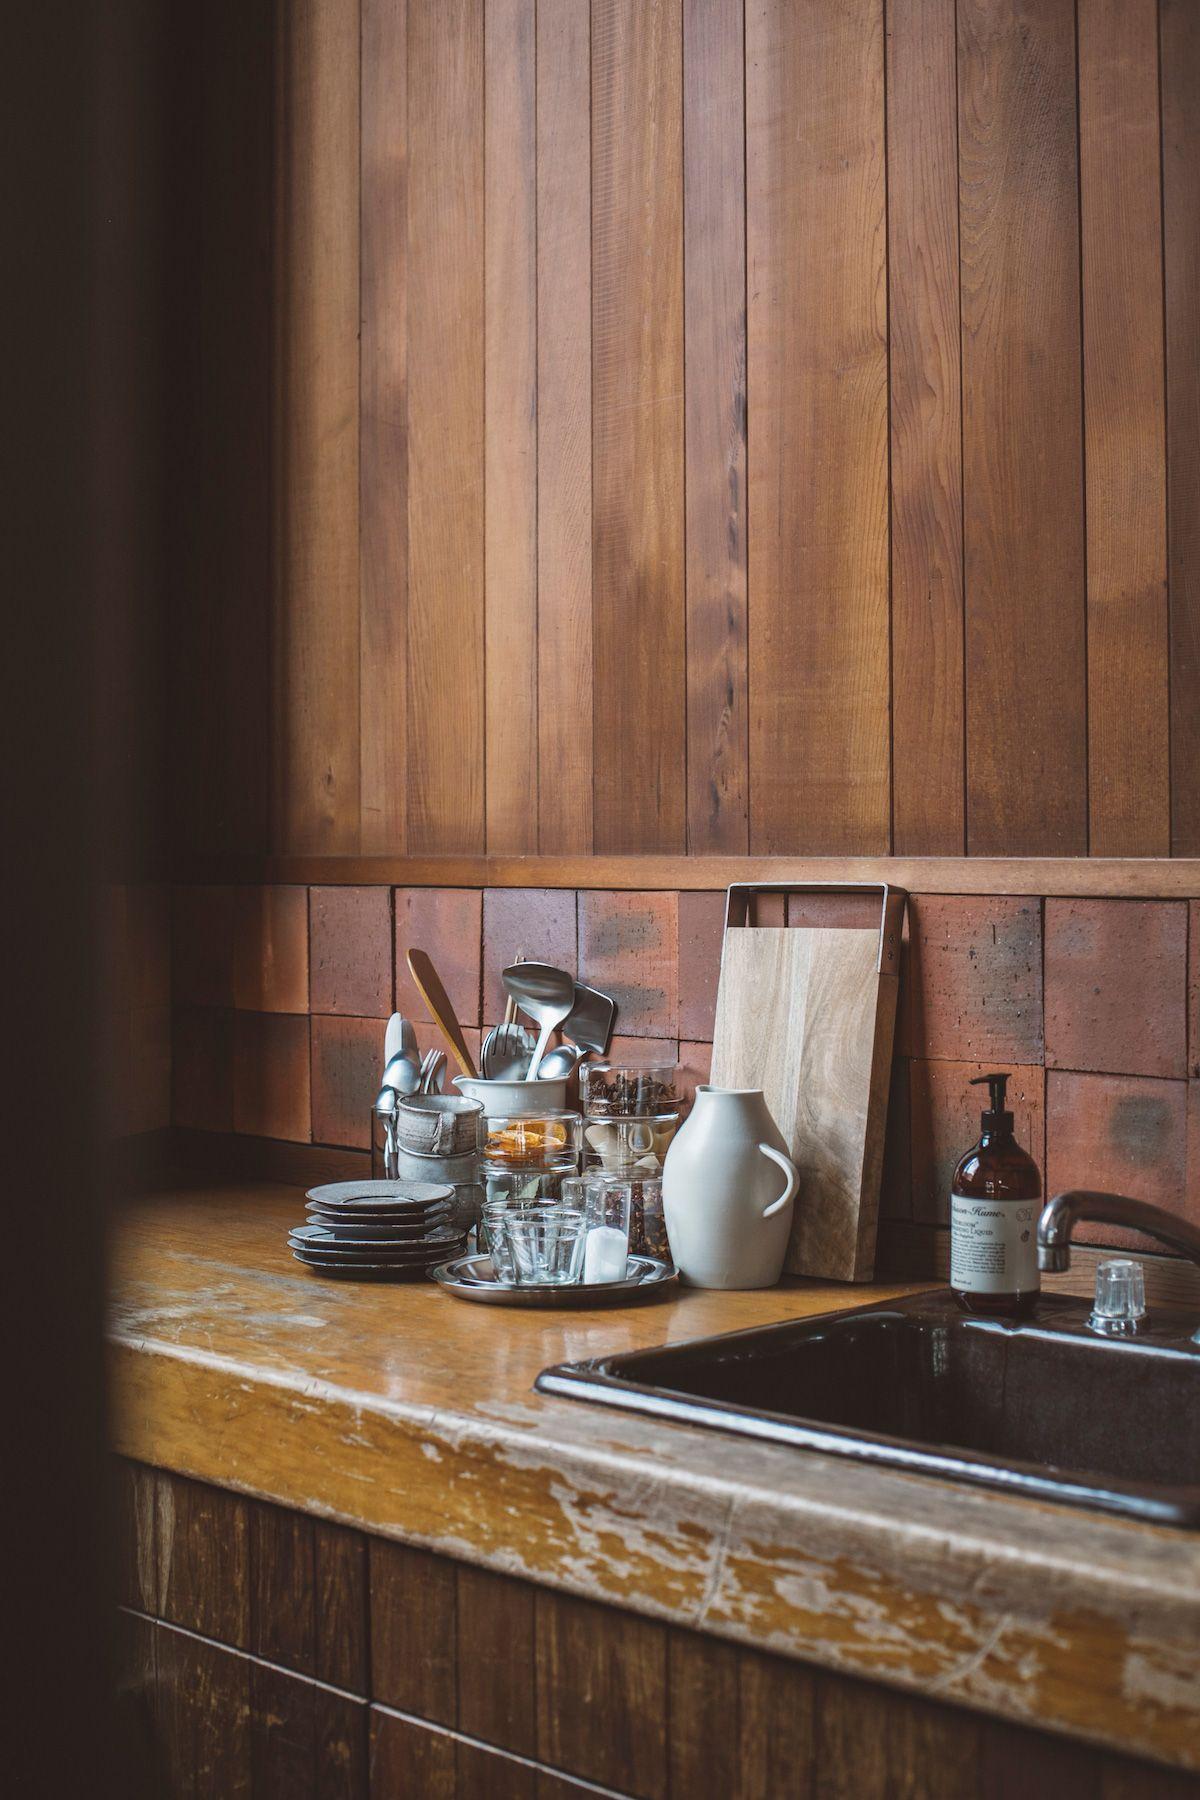 ATEM(アーテム)キッチン